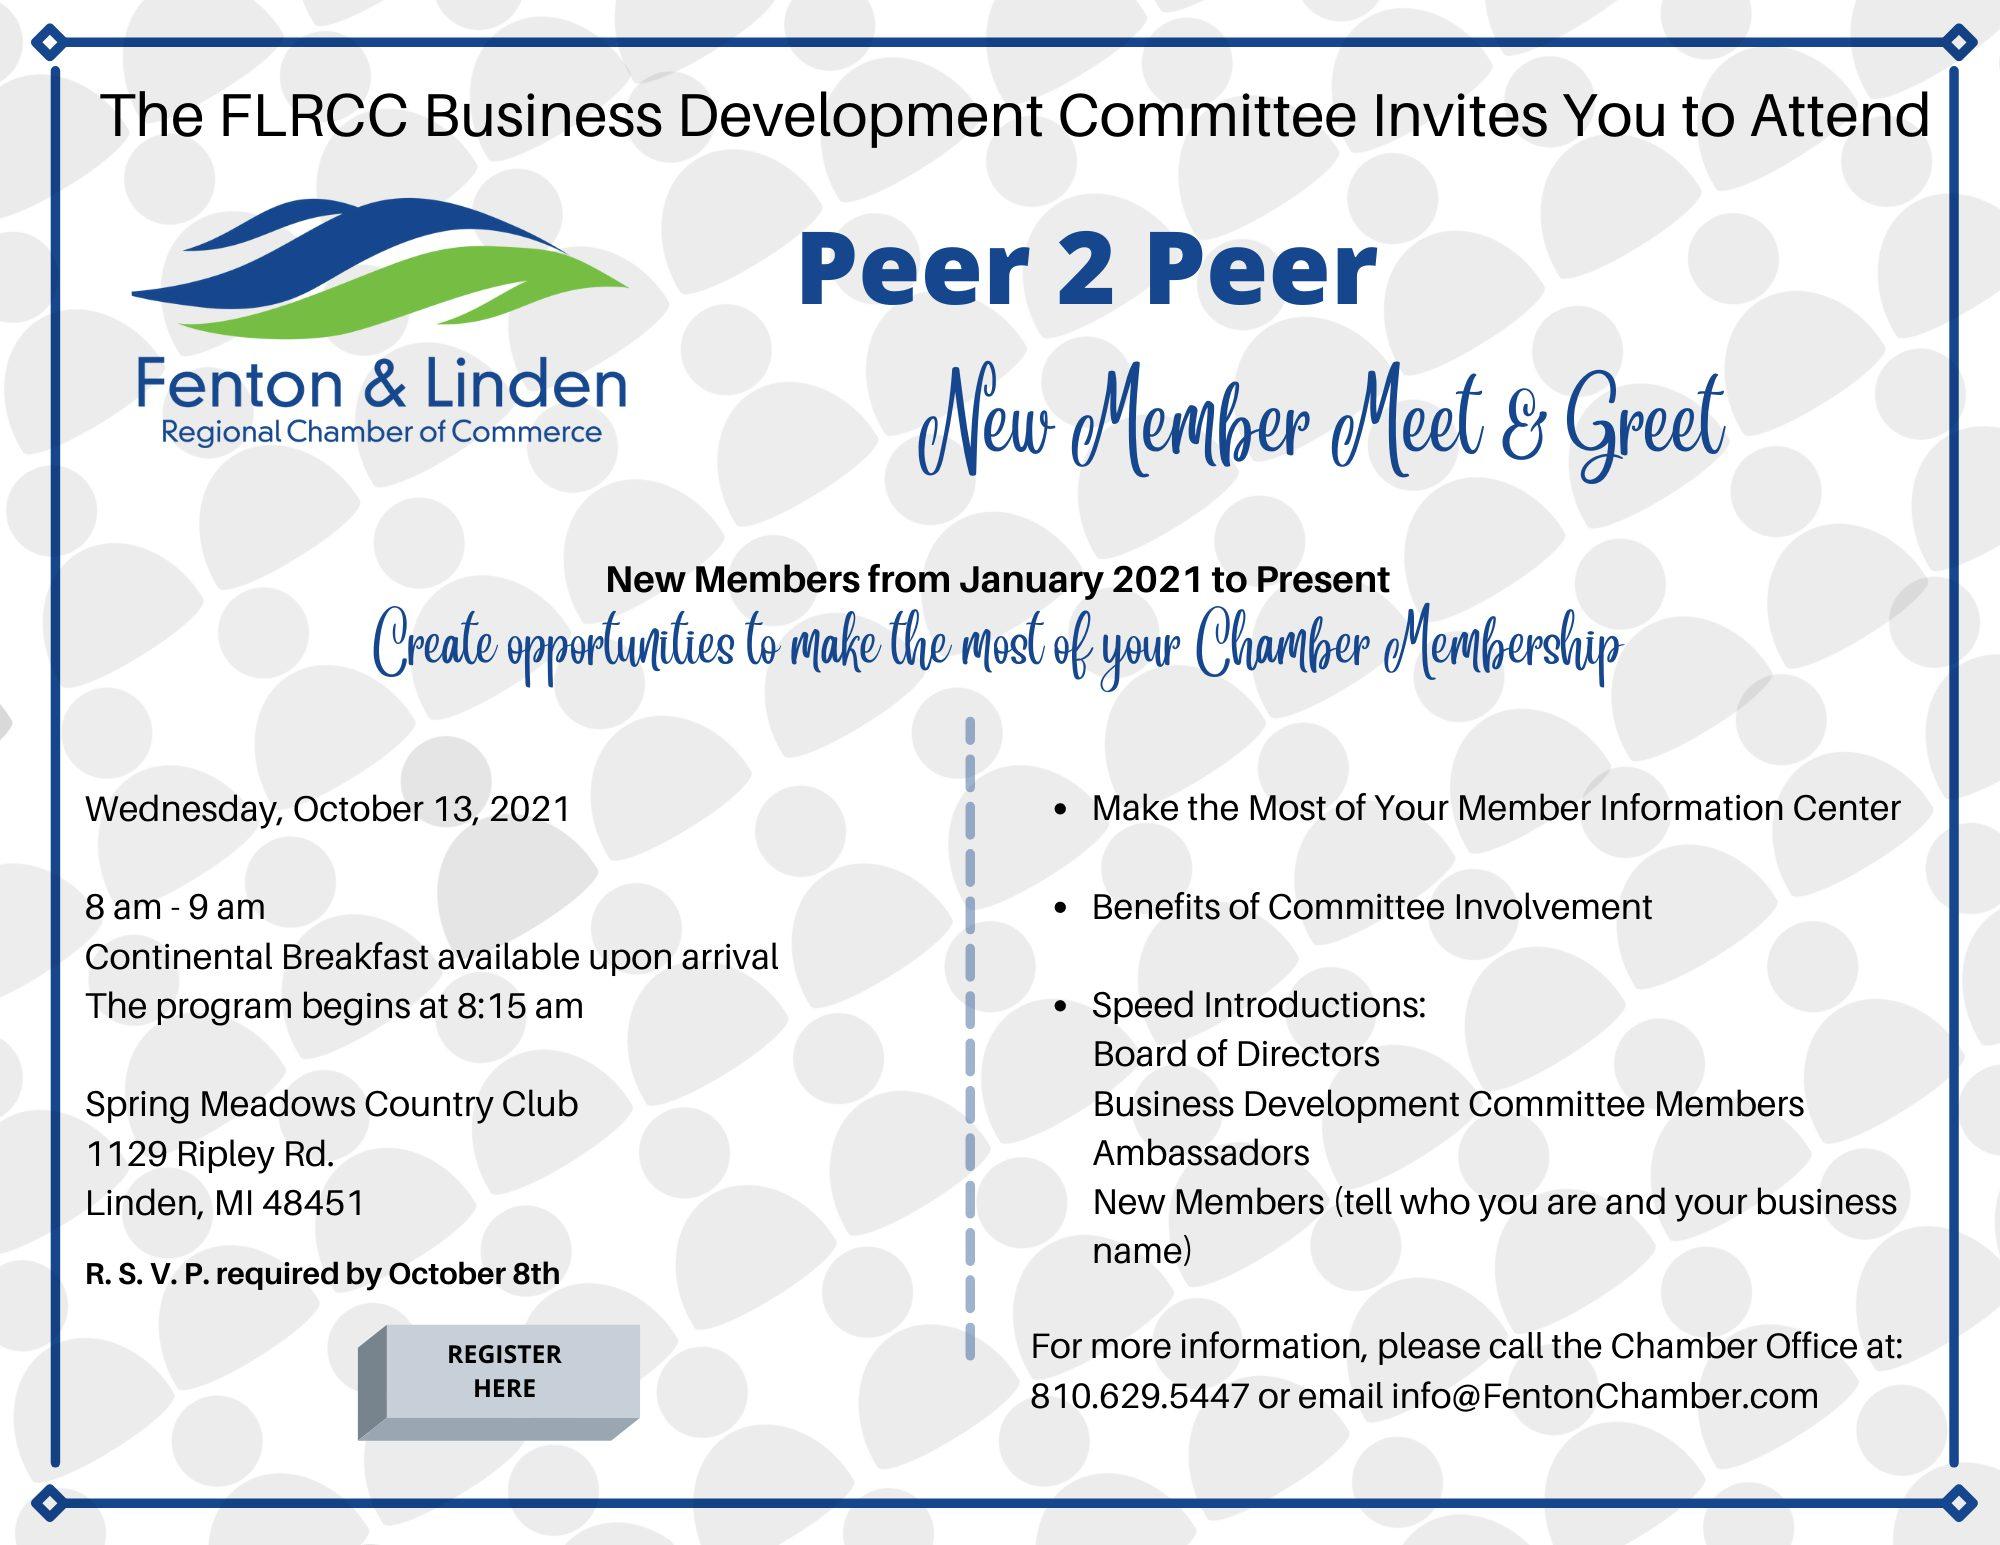 Peer-2-Peer-Invitation-October-13